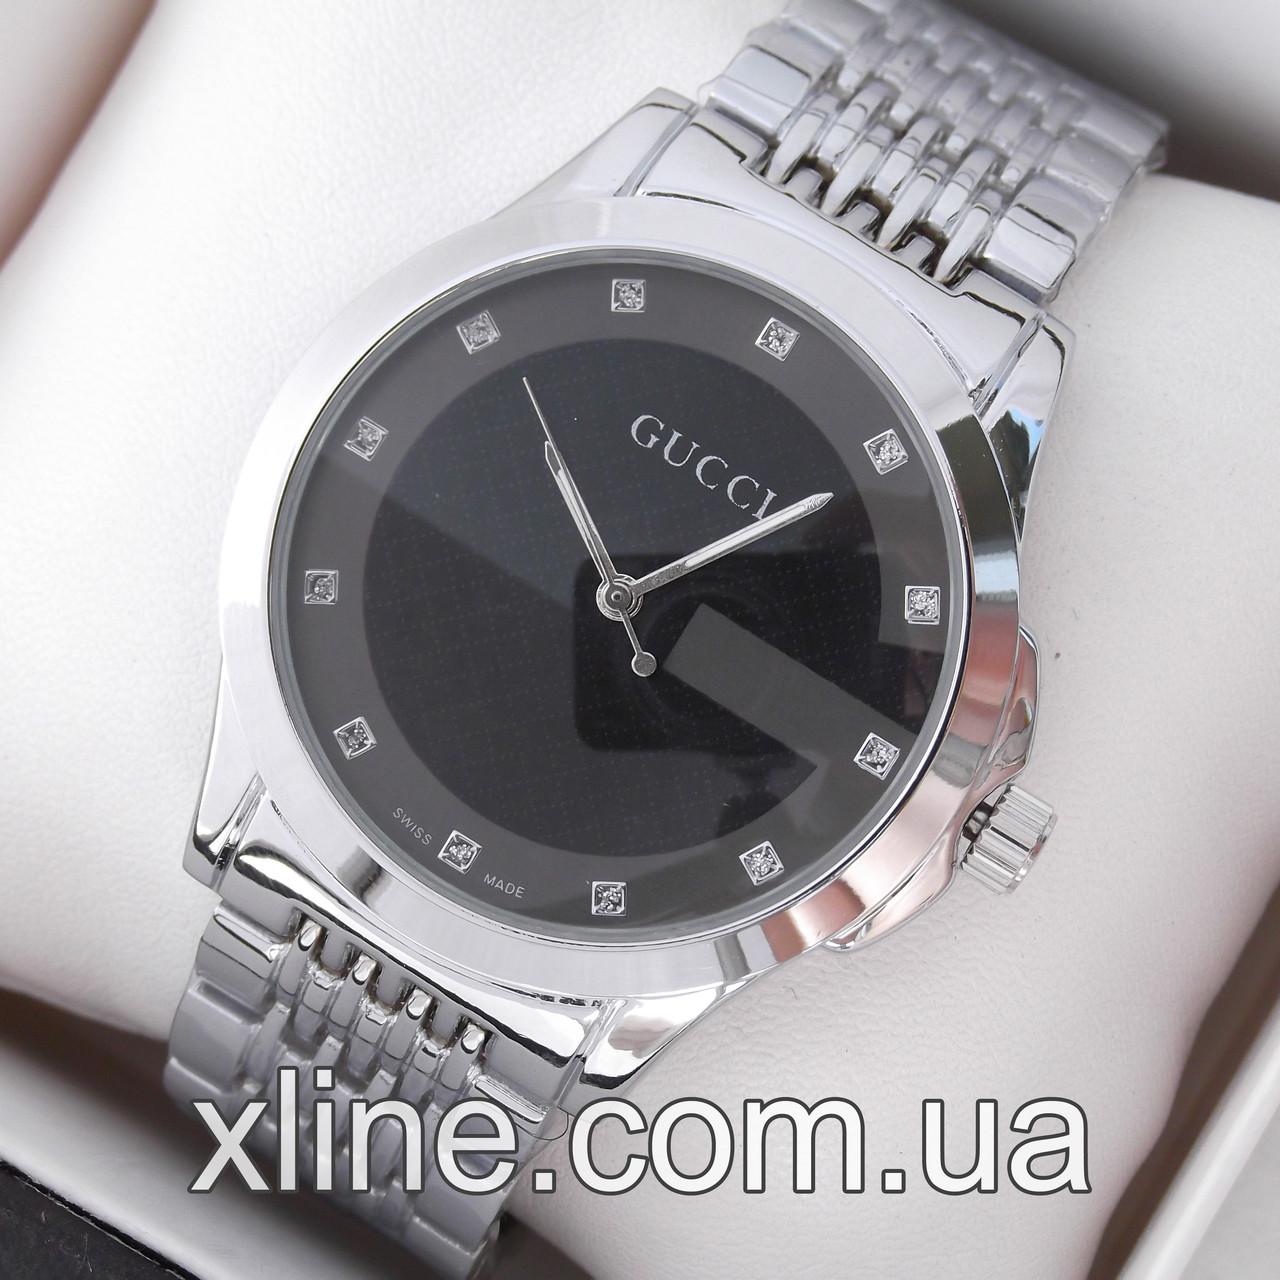 02b692dc Женские наручные часы Gucci 6848 на металлическом браслете: продажа ...